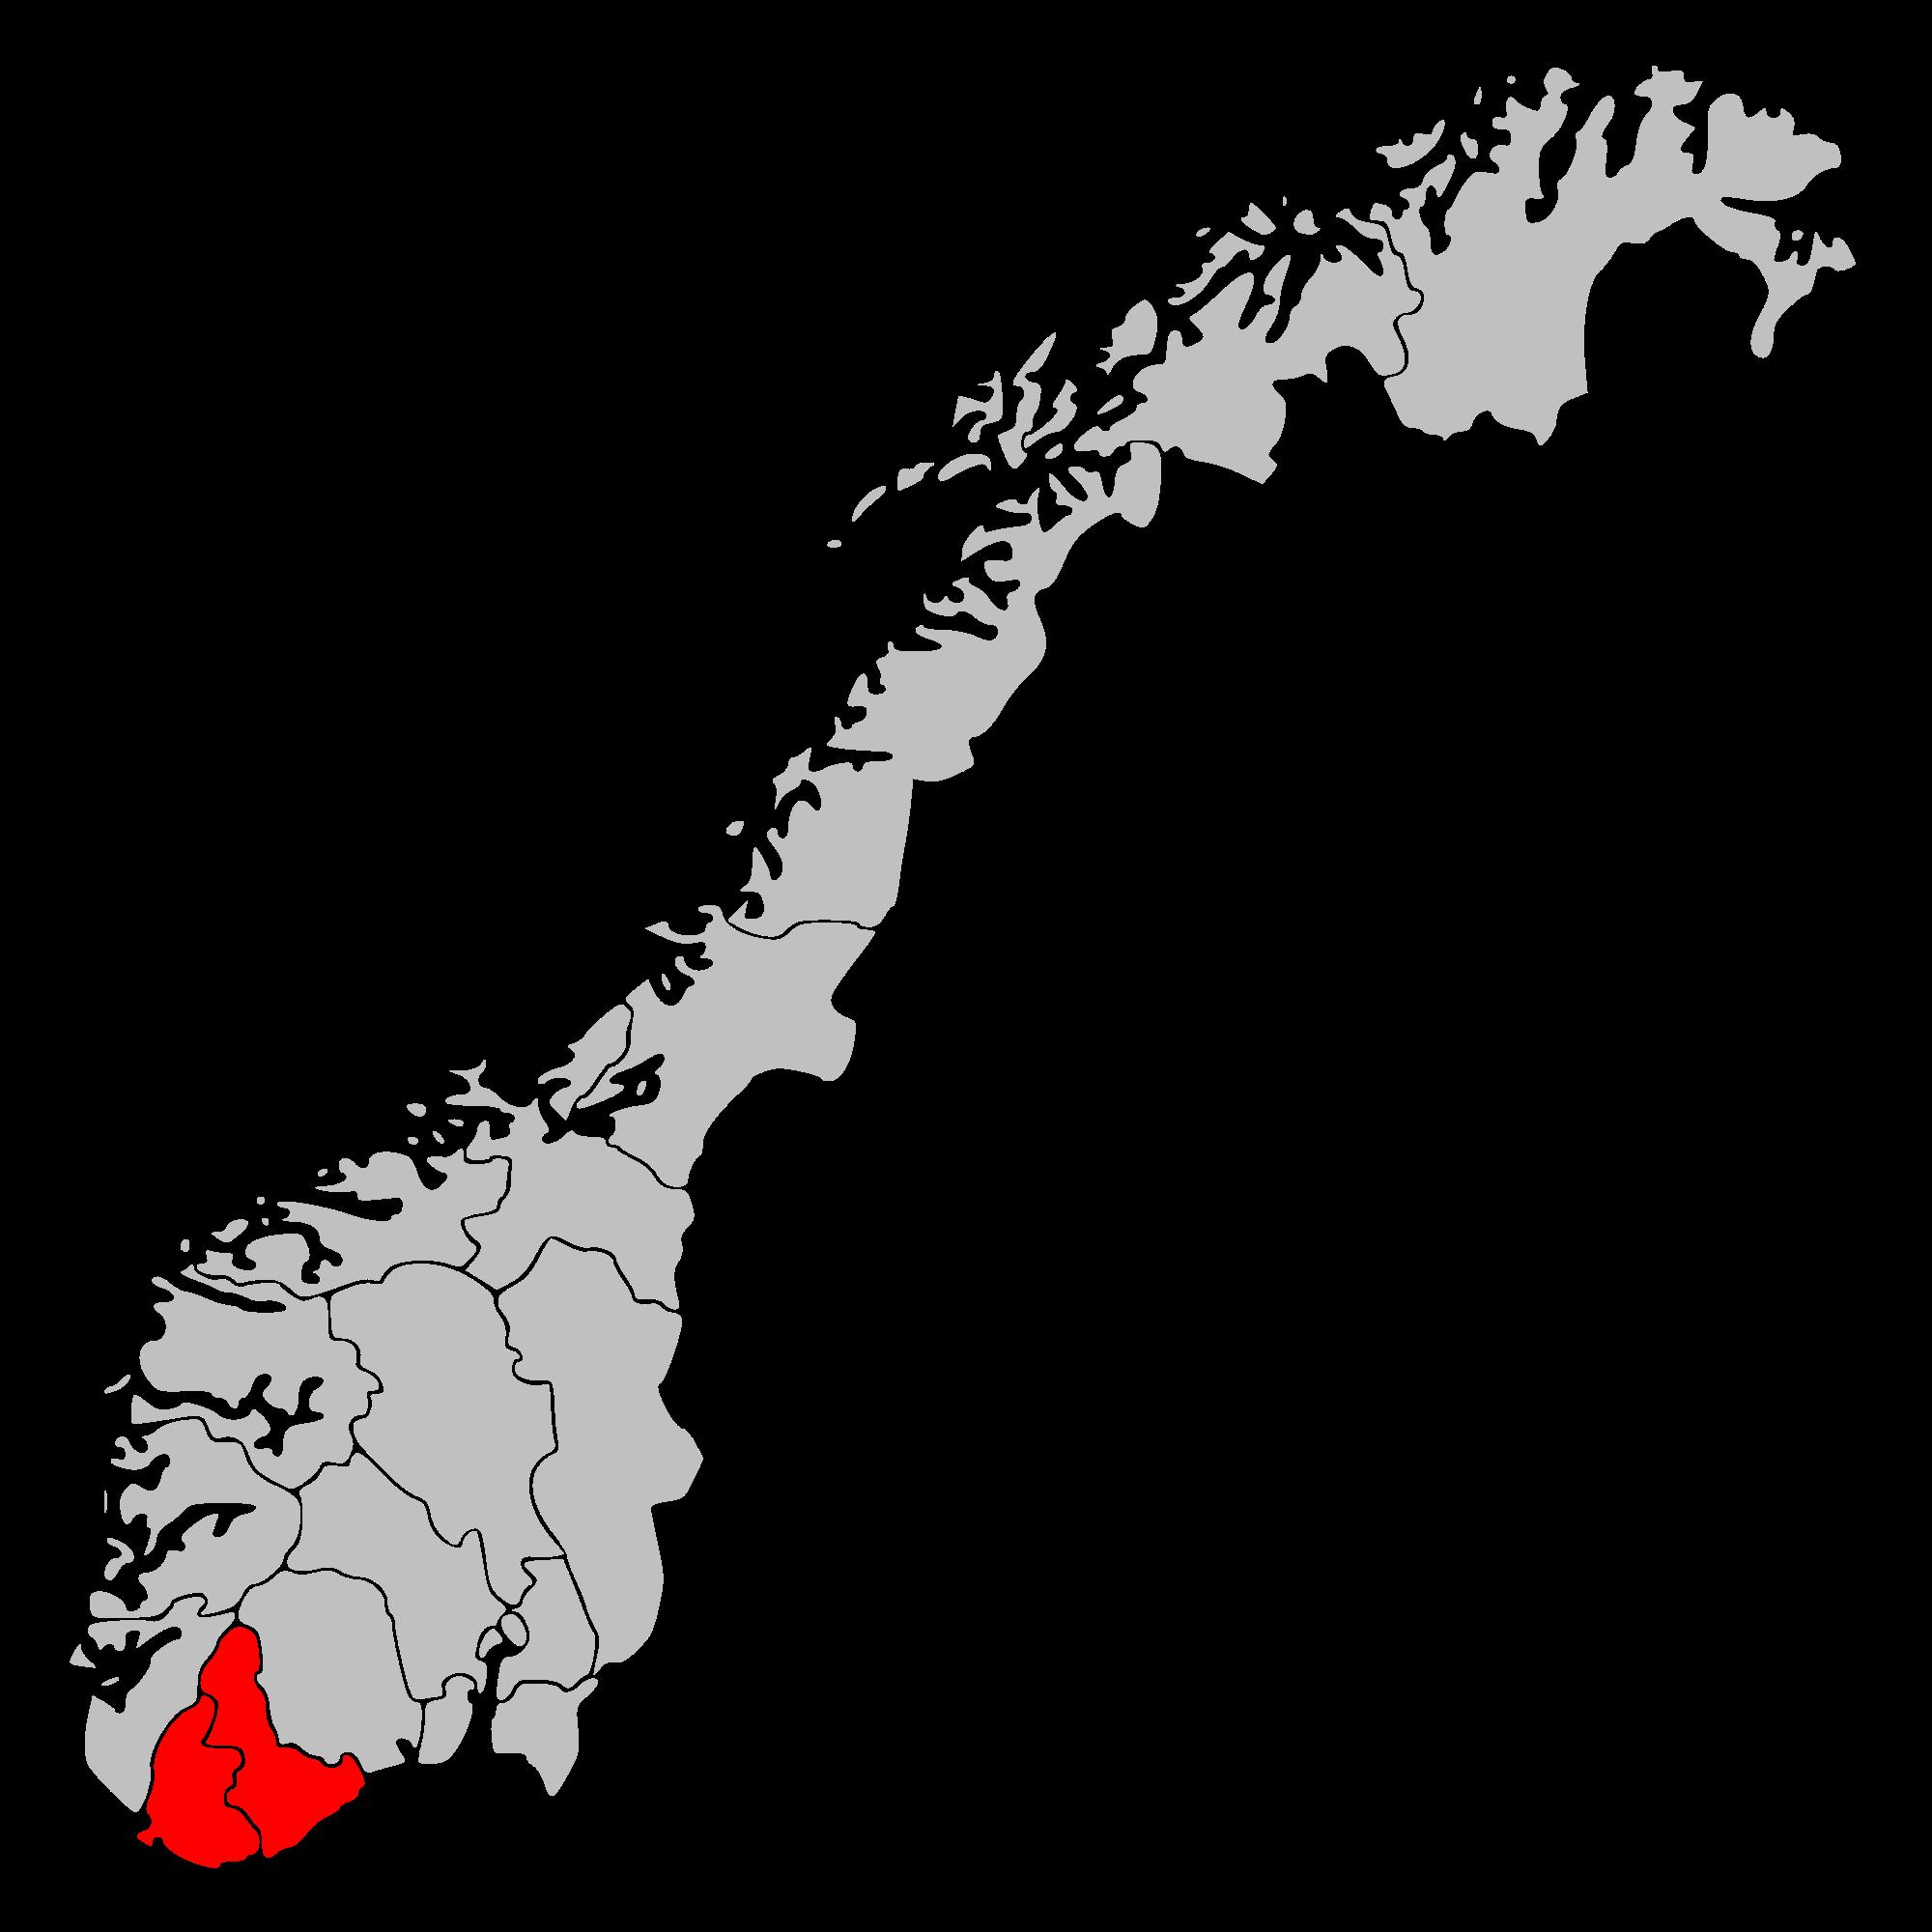 norske dialekter Arendal